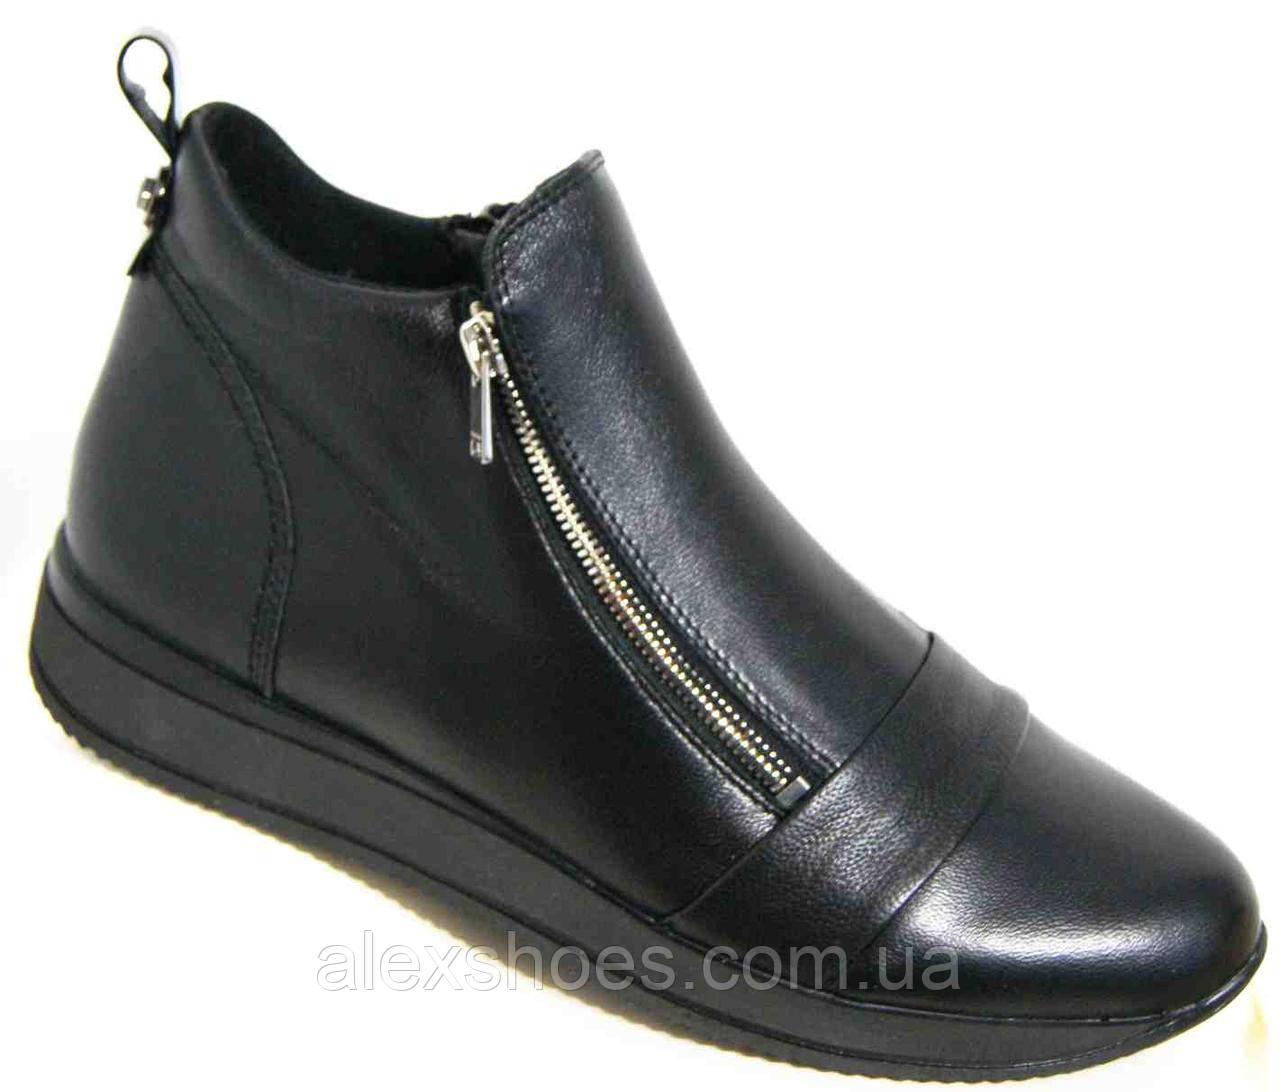 Ботинки демисезонные из натуральной кожи большого размера от производителя модель В5261-4